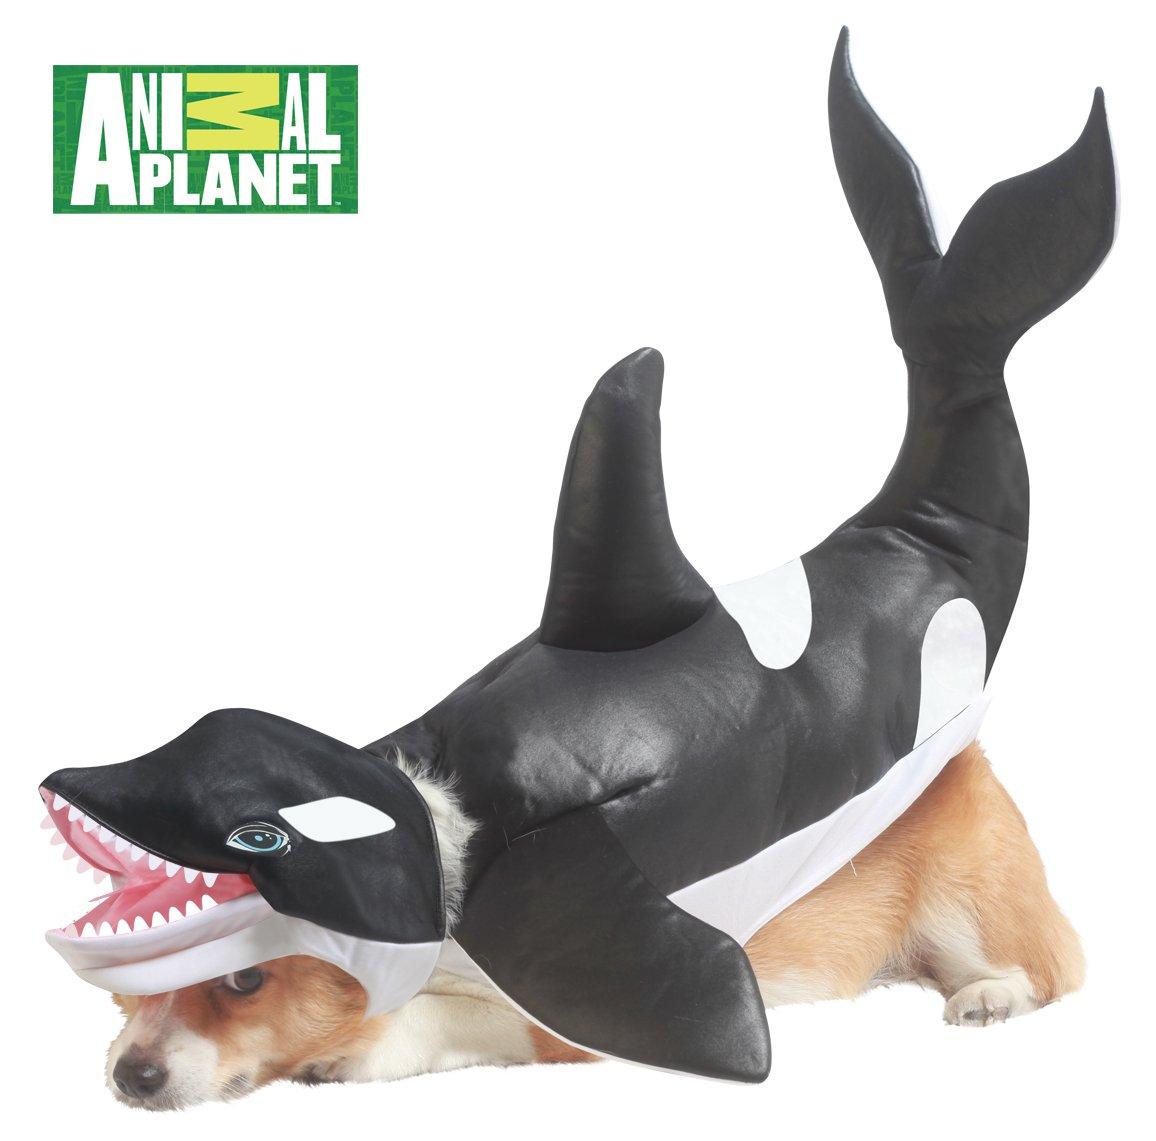 Orca Shamu Killer Whale Dog Costume Size: Medium #20116